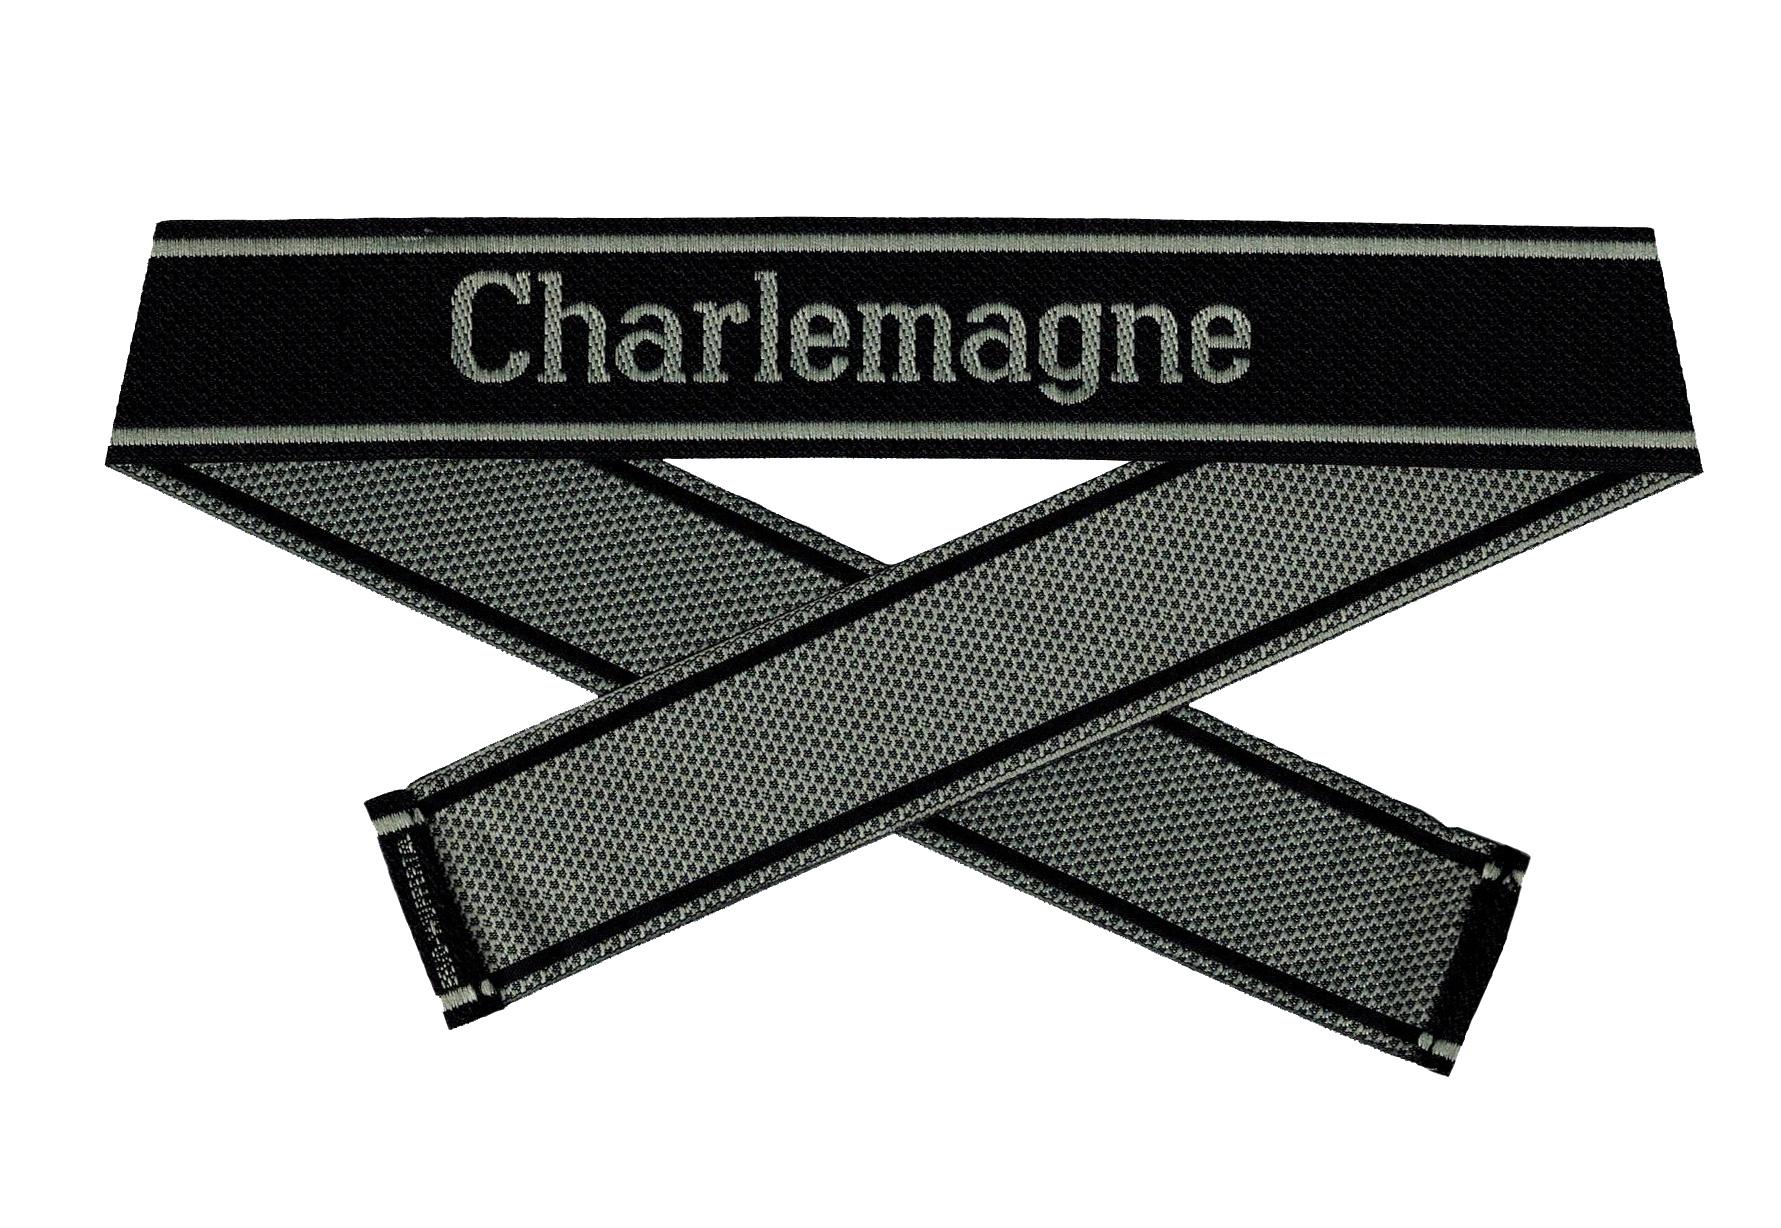 WWII Elite Ärmelband ''Charlemagne'' gewebt WH Cuff title BEVO